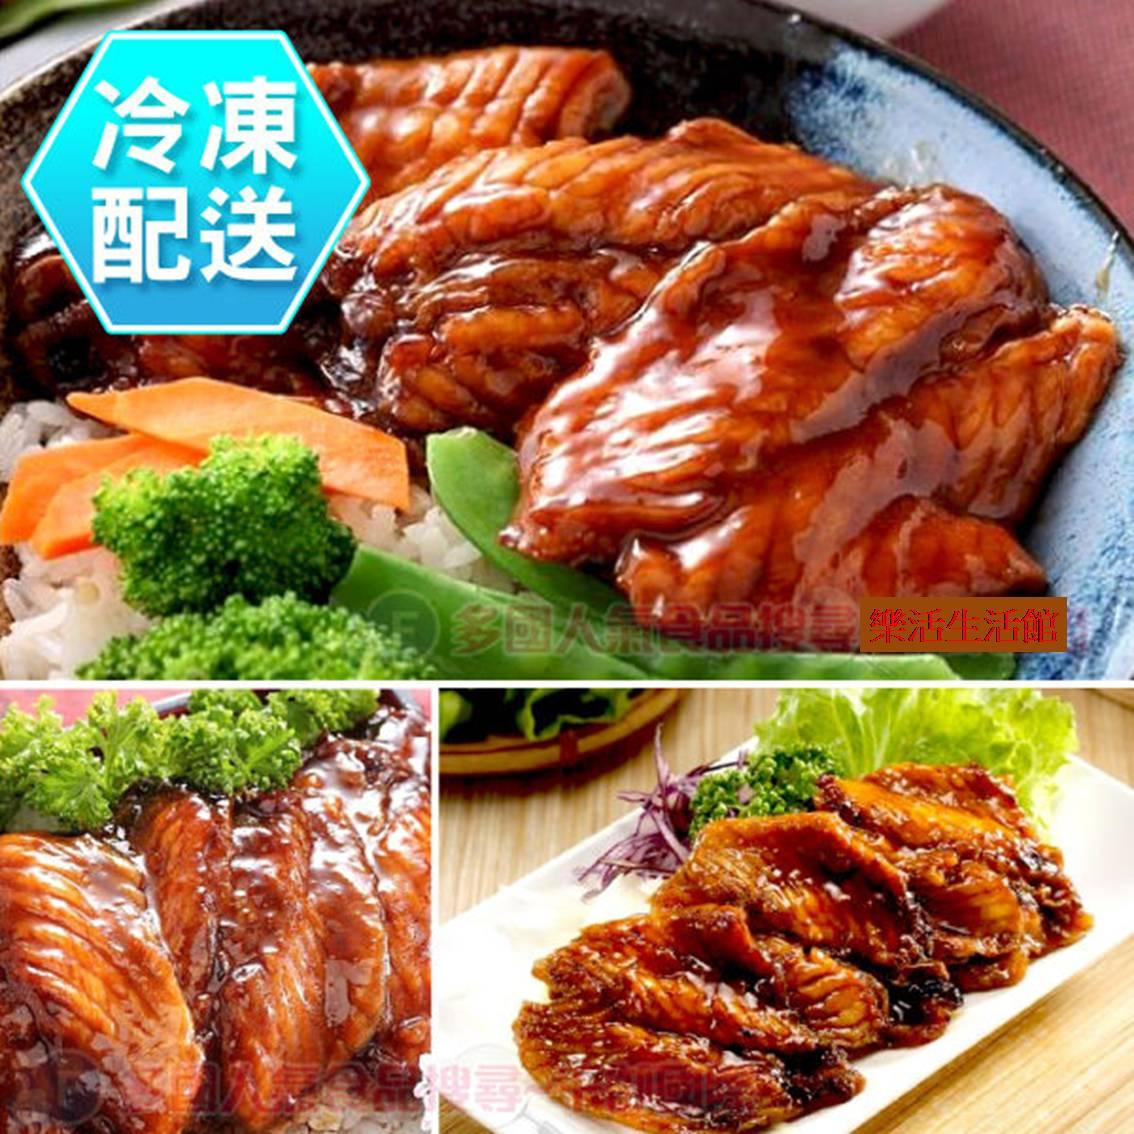 蒲燒鯛魚腹排 200g 烤肉 冷凍 【樂活生活館】